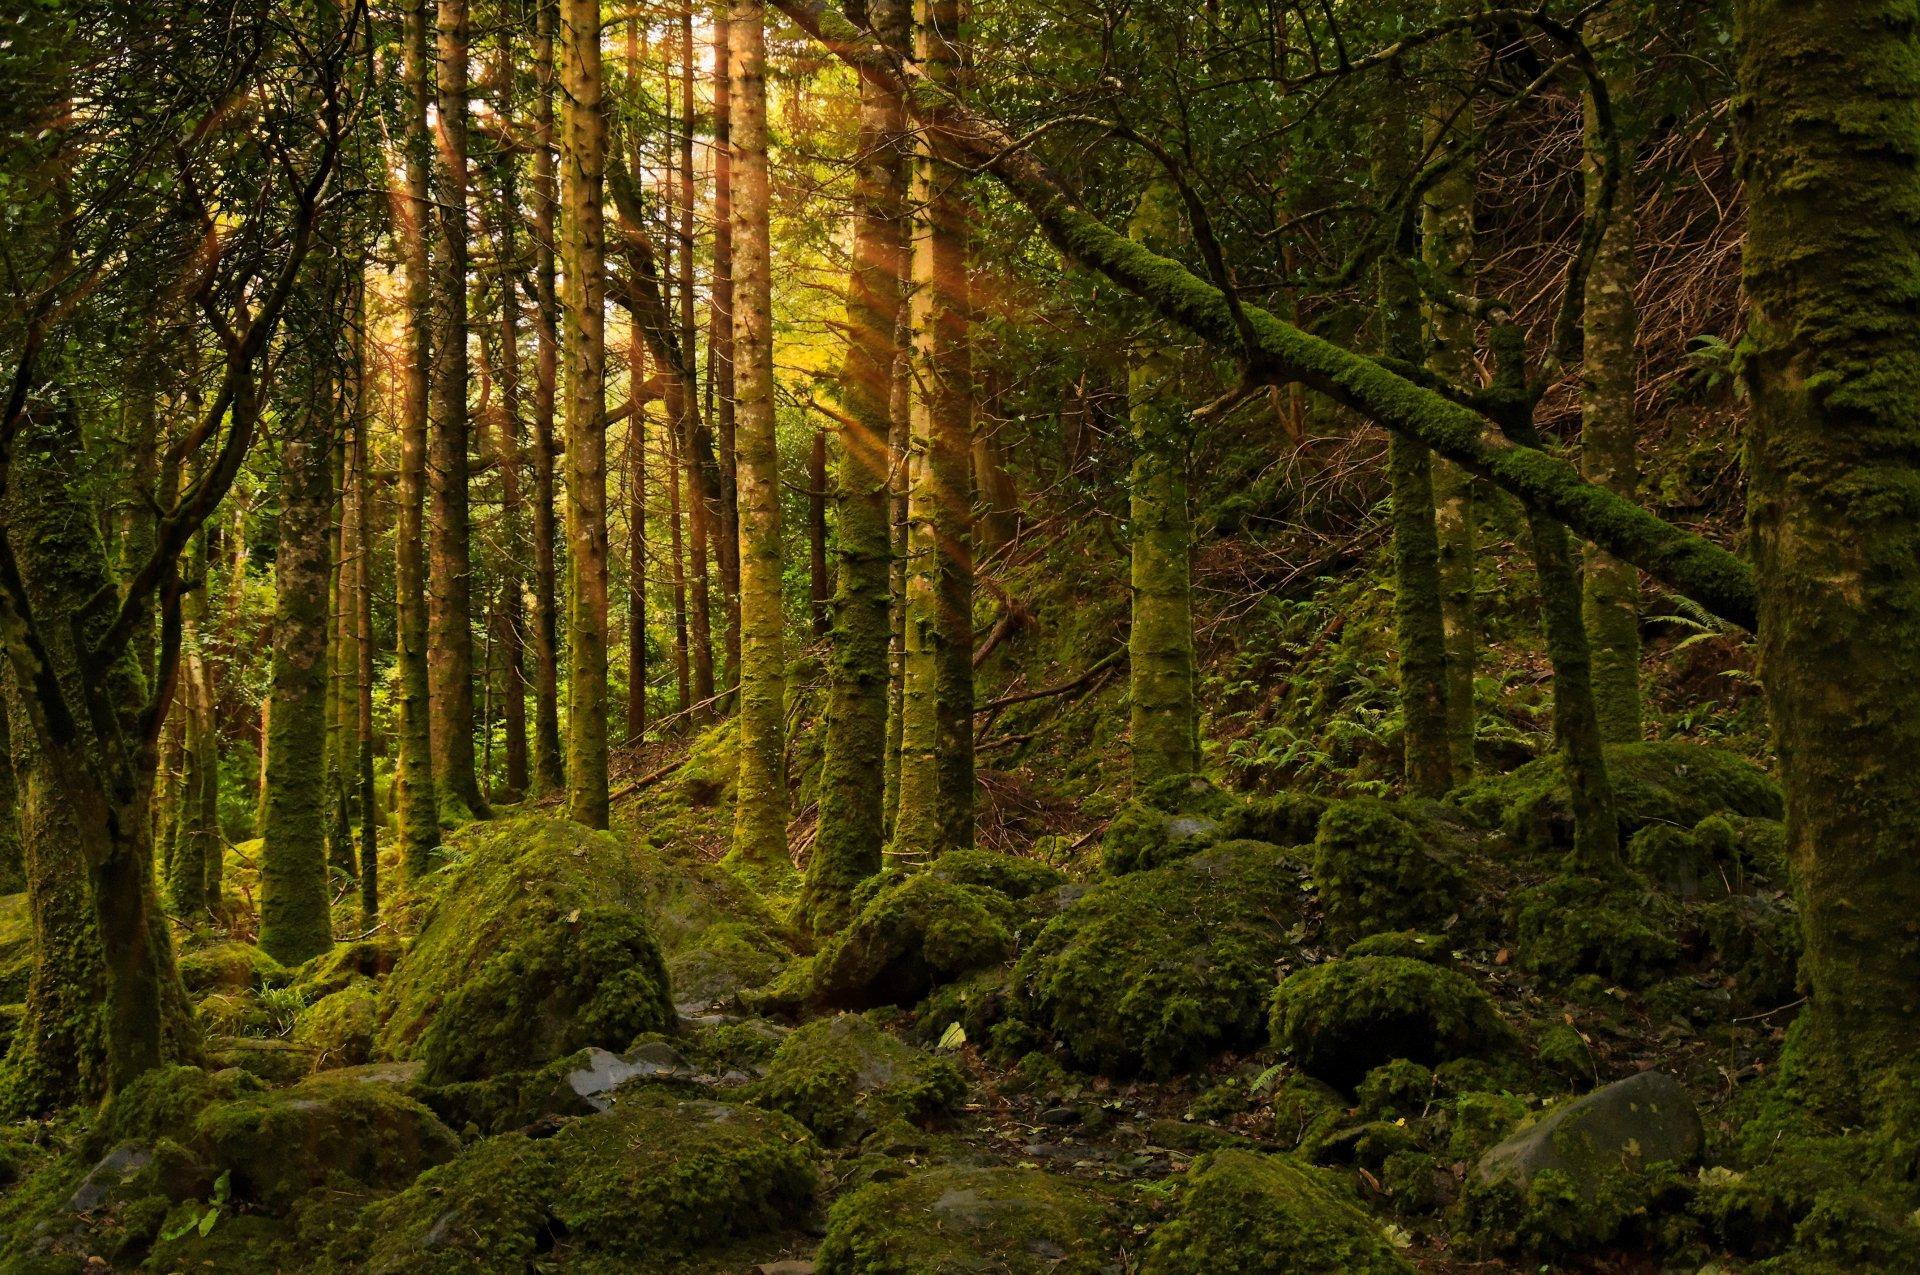 путин лучшие фотографии леса более, что летящего